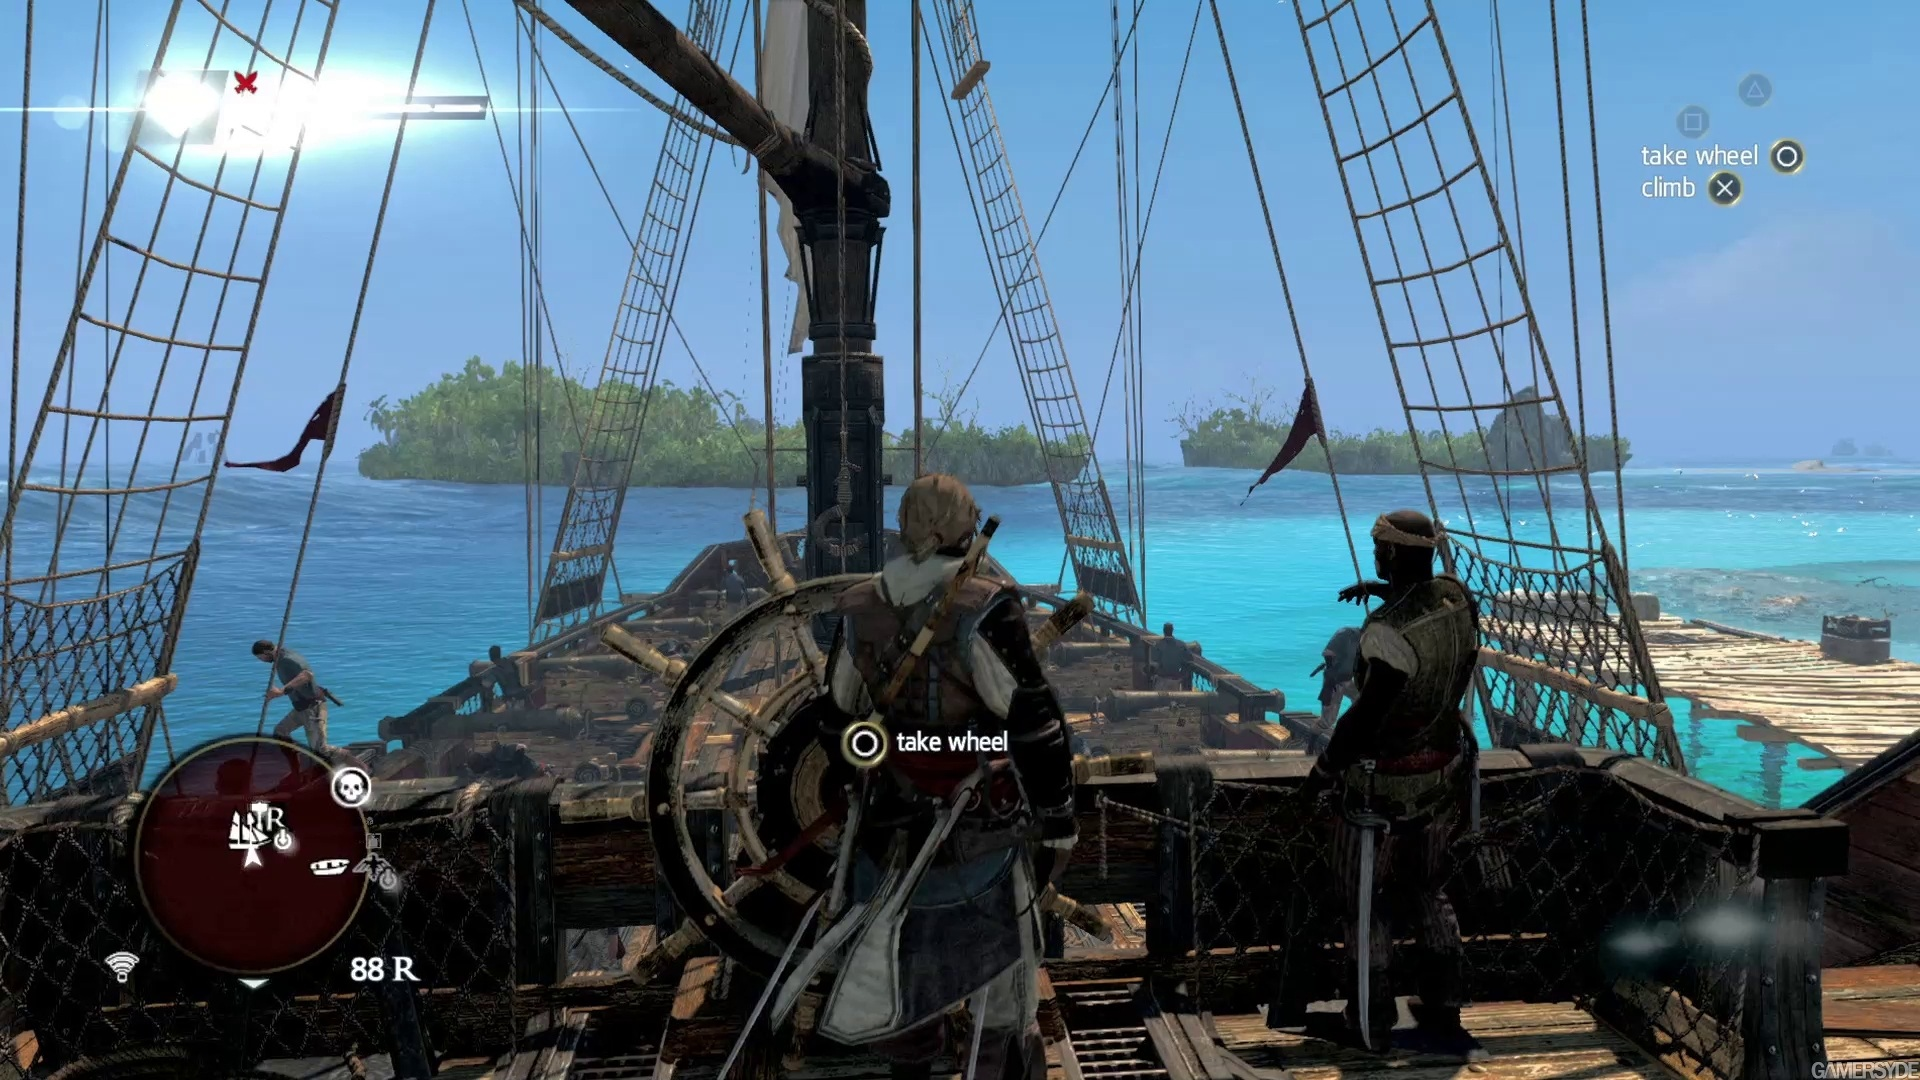 image   23118 1 0001 با تصاویر جدید Assassins Creed IV، شکار کوسه، پیدا کردن گنج ها در زیر آب و بیشتر را ببینید